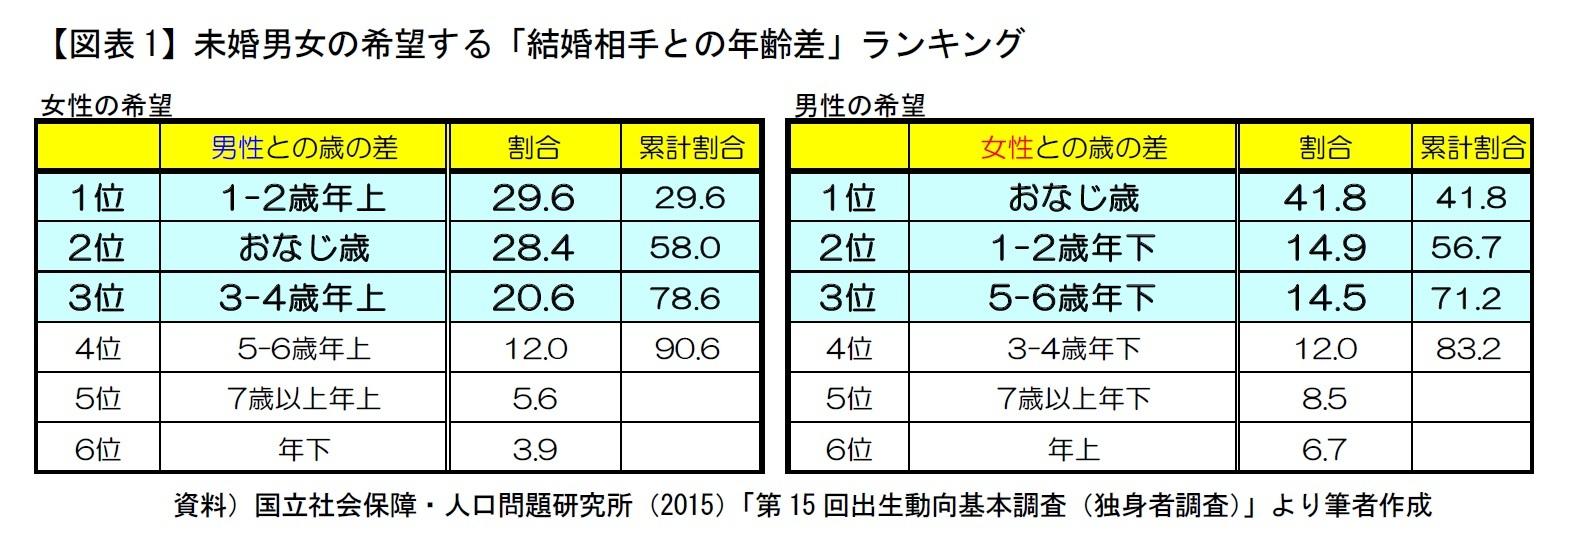 【図表1】未婚男女の希望する「結婚相手との年齢差」ランキング